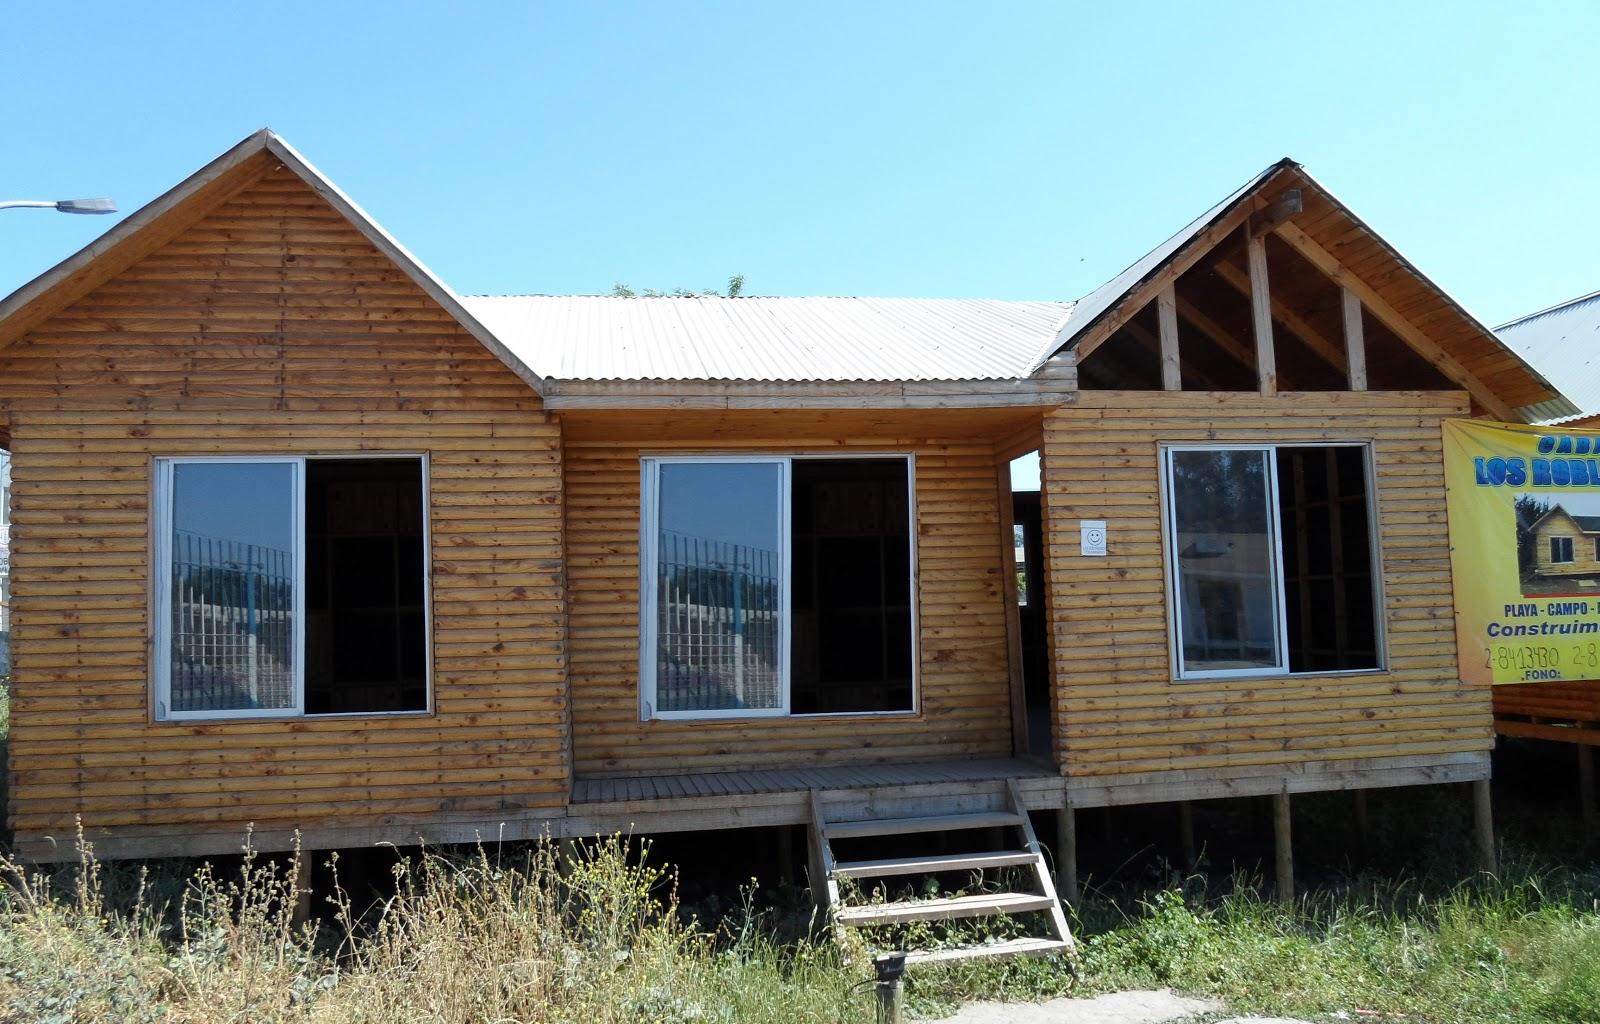 Casas prefabricadas modelos de casas - Casas modulares prefabricadas ...